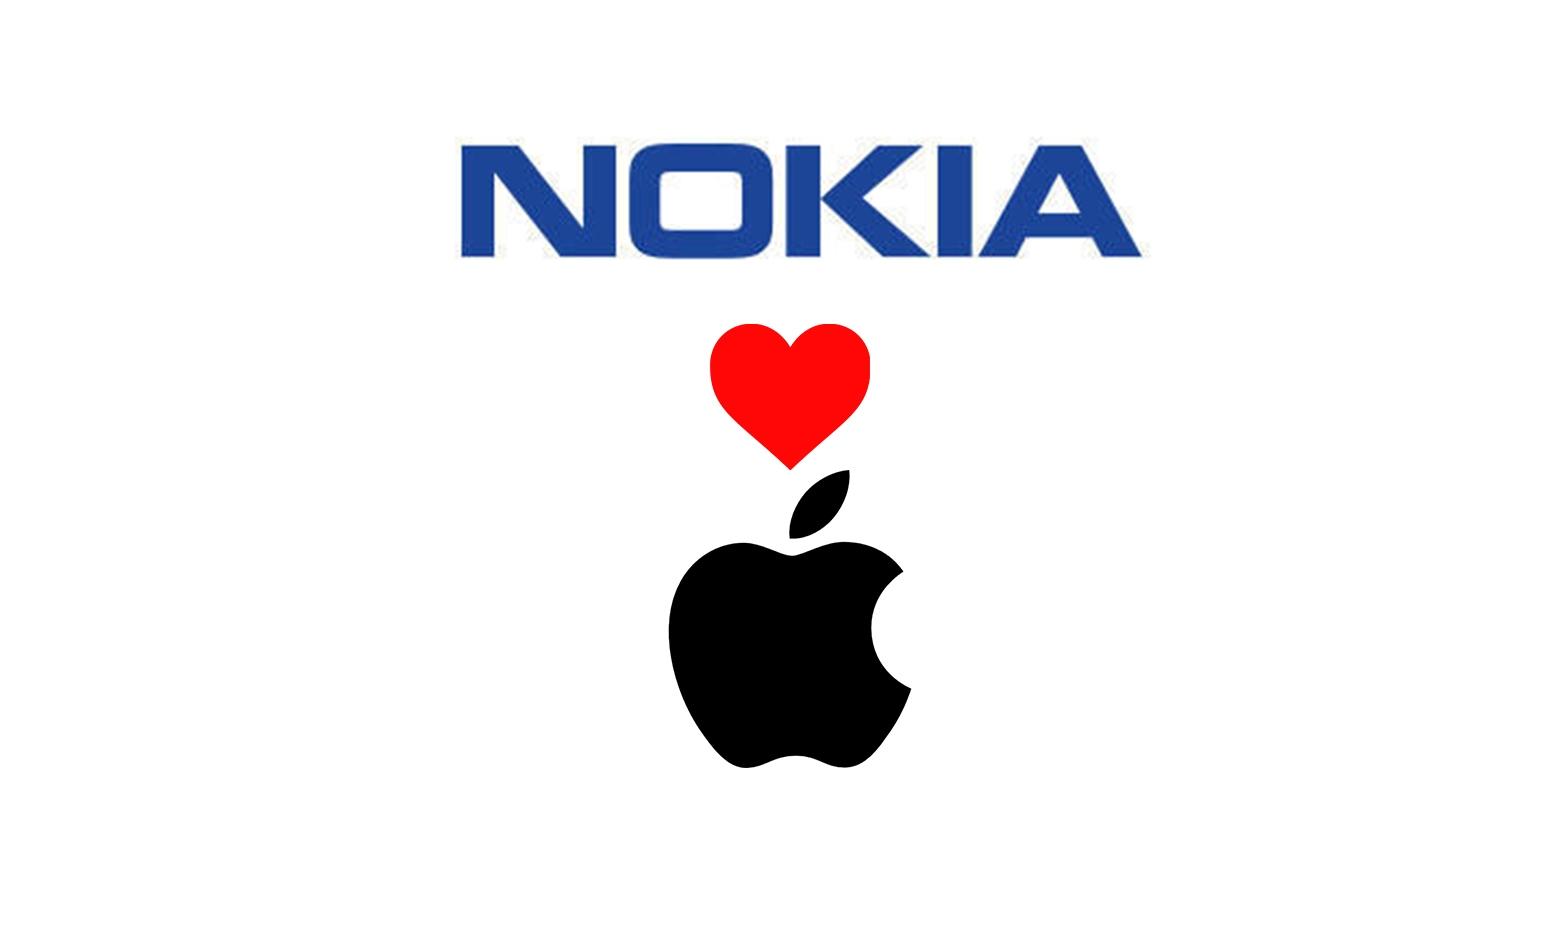 诺基亚开心:苹果支付其20亿美元现金专利费